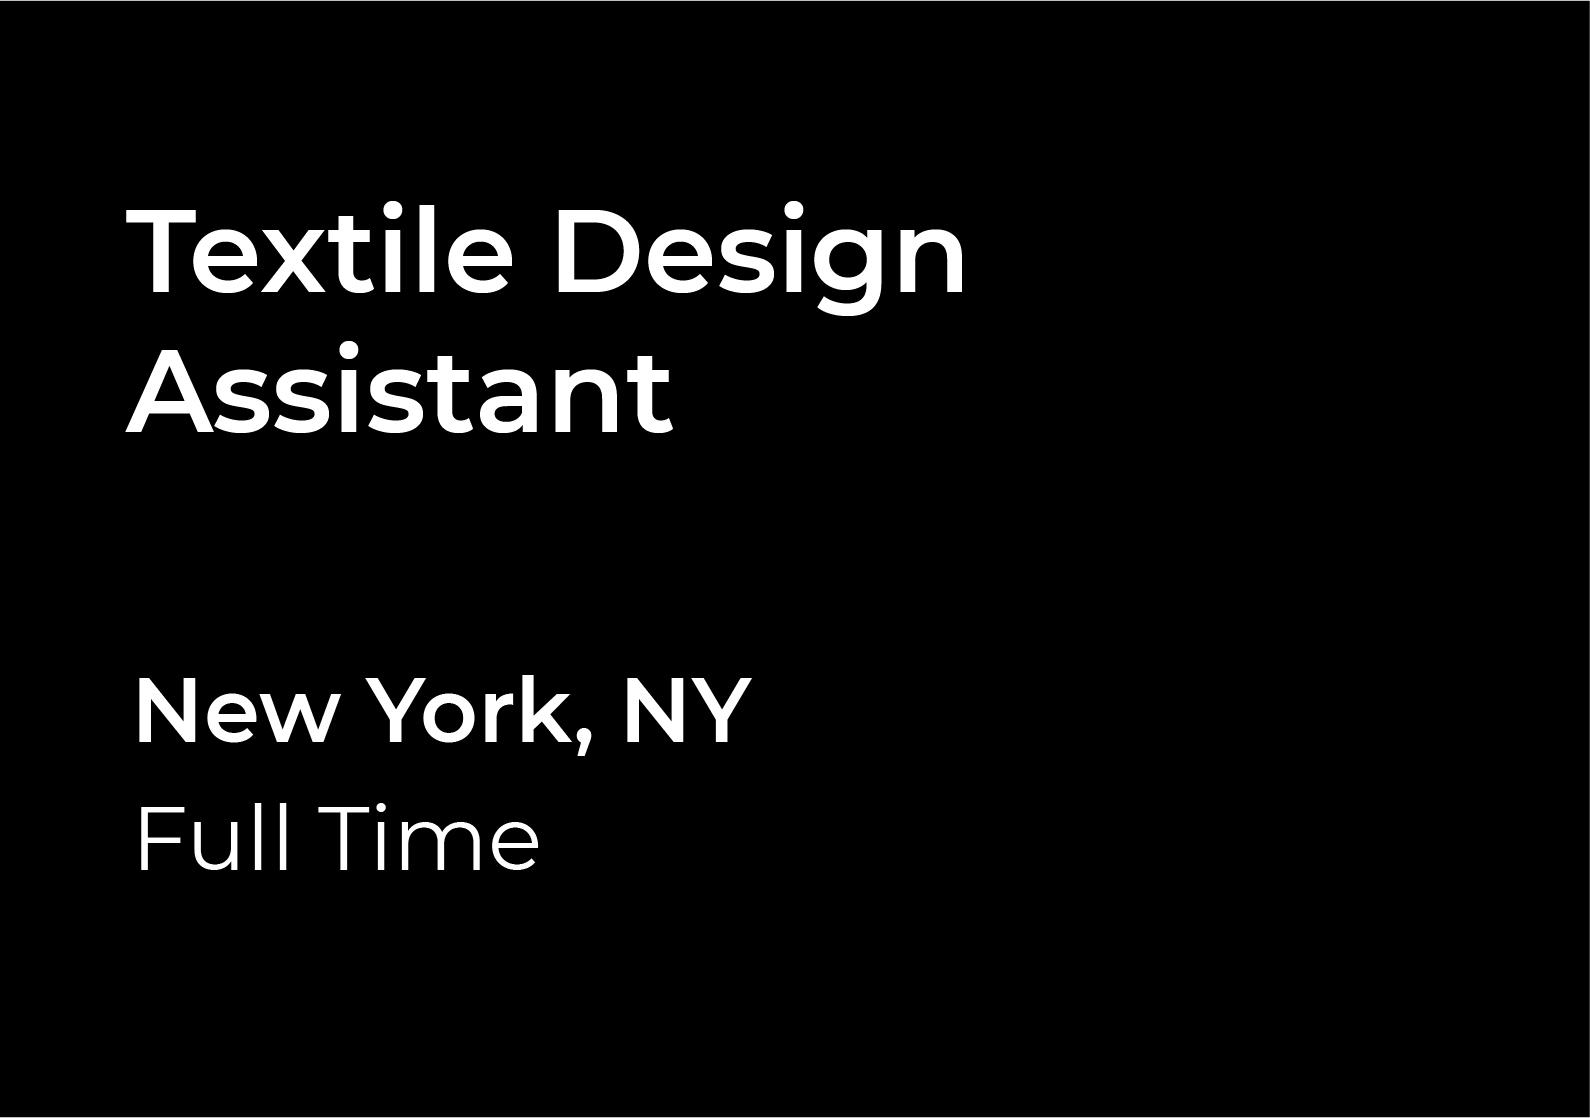 Textile Design Assistant